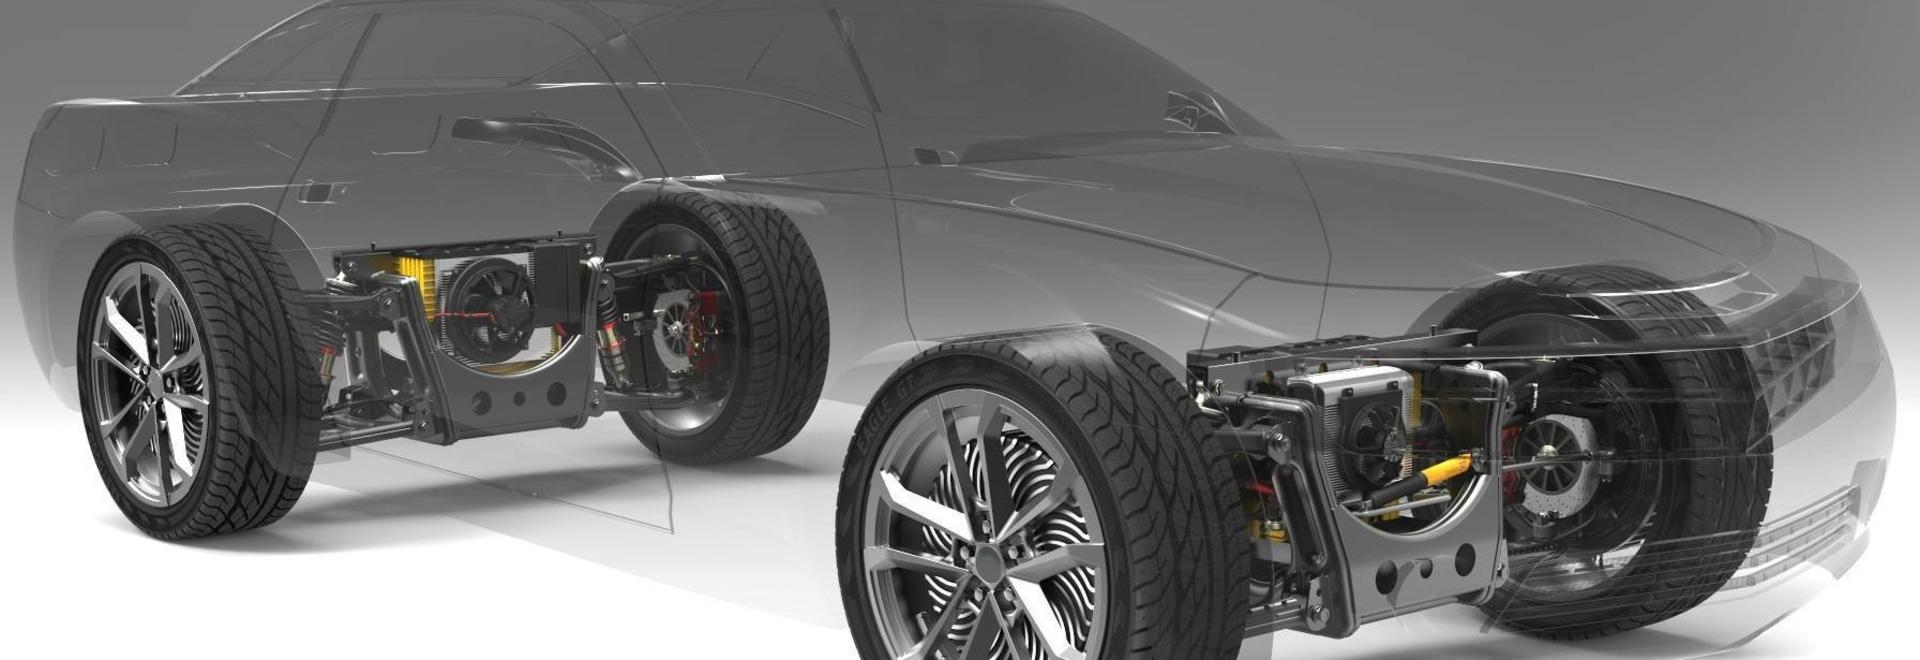 Nuevos vehículos de la energía